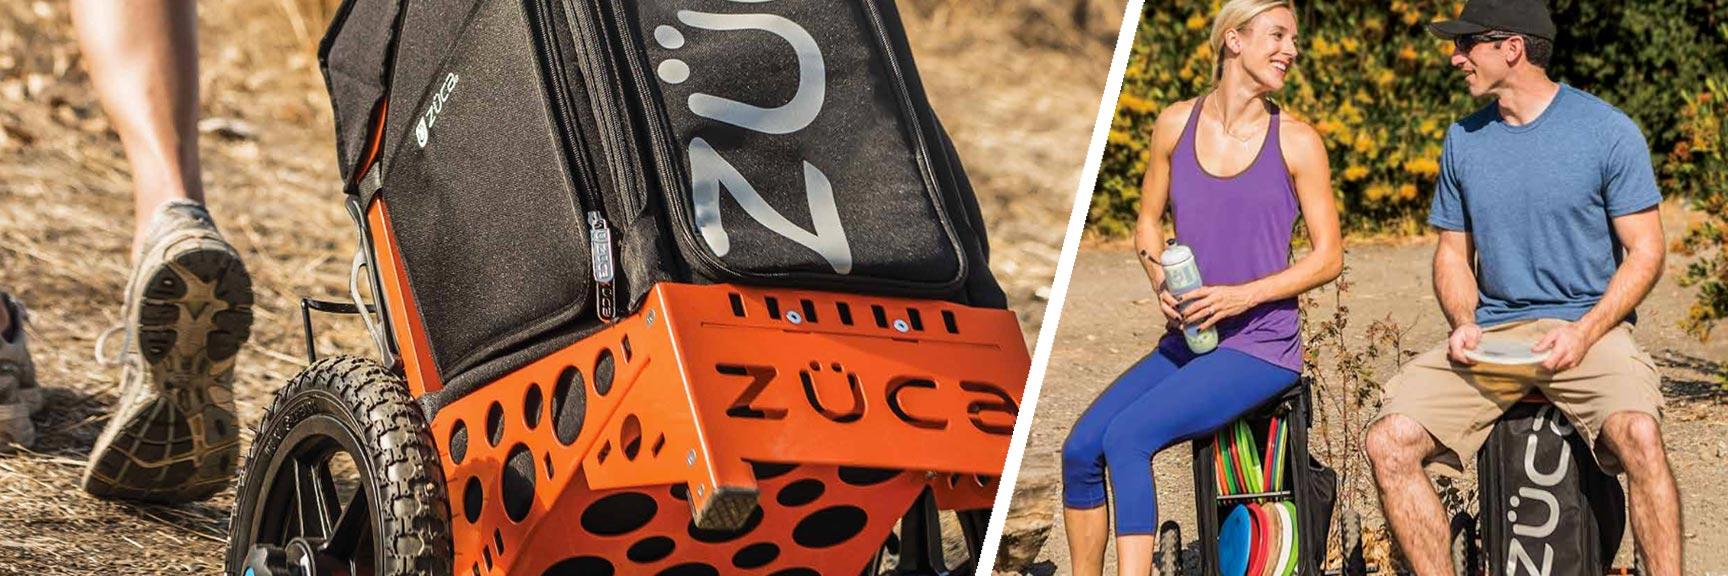 Zuca disc golf cart is back in stock